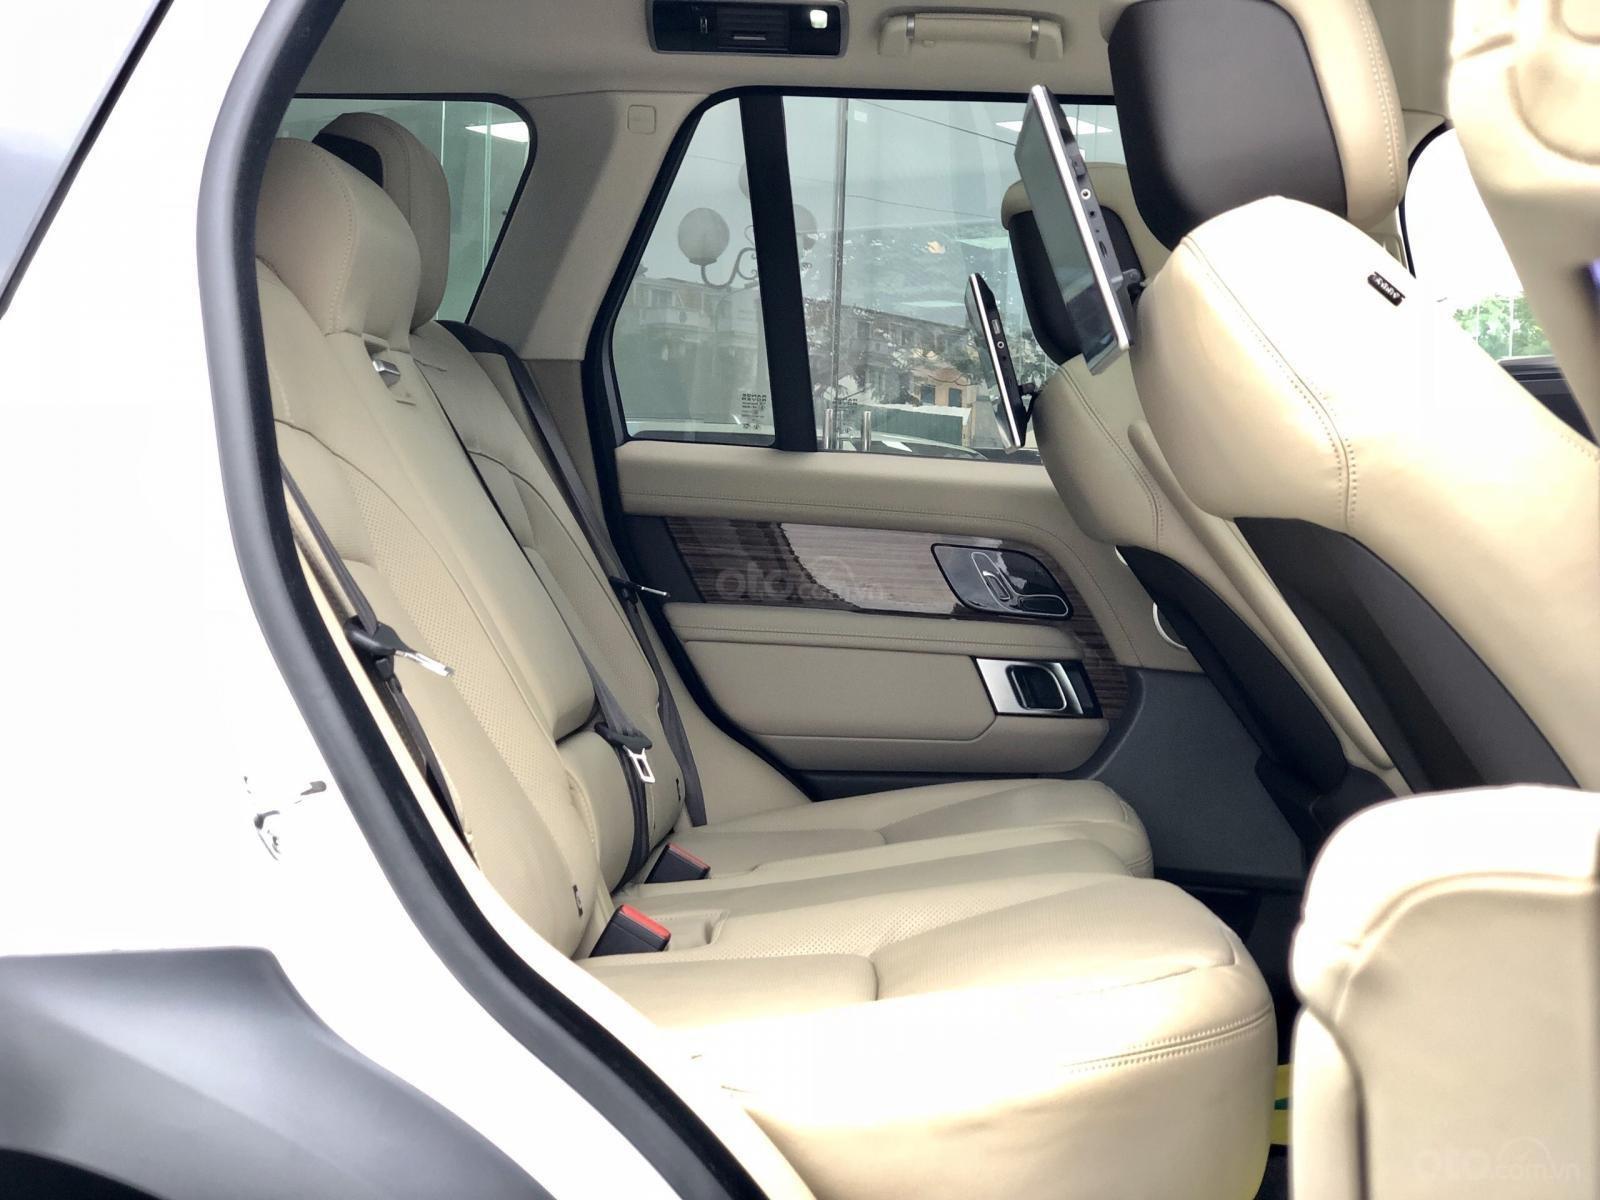 Bán LandRover Range Rover HSE 3.0 năm 2018, màu trắng, nhập khẩu, hỗ trợ ngân hàng 6 tỷ, call: 0914.868.198 (23)